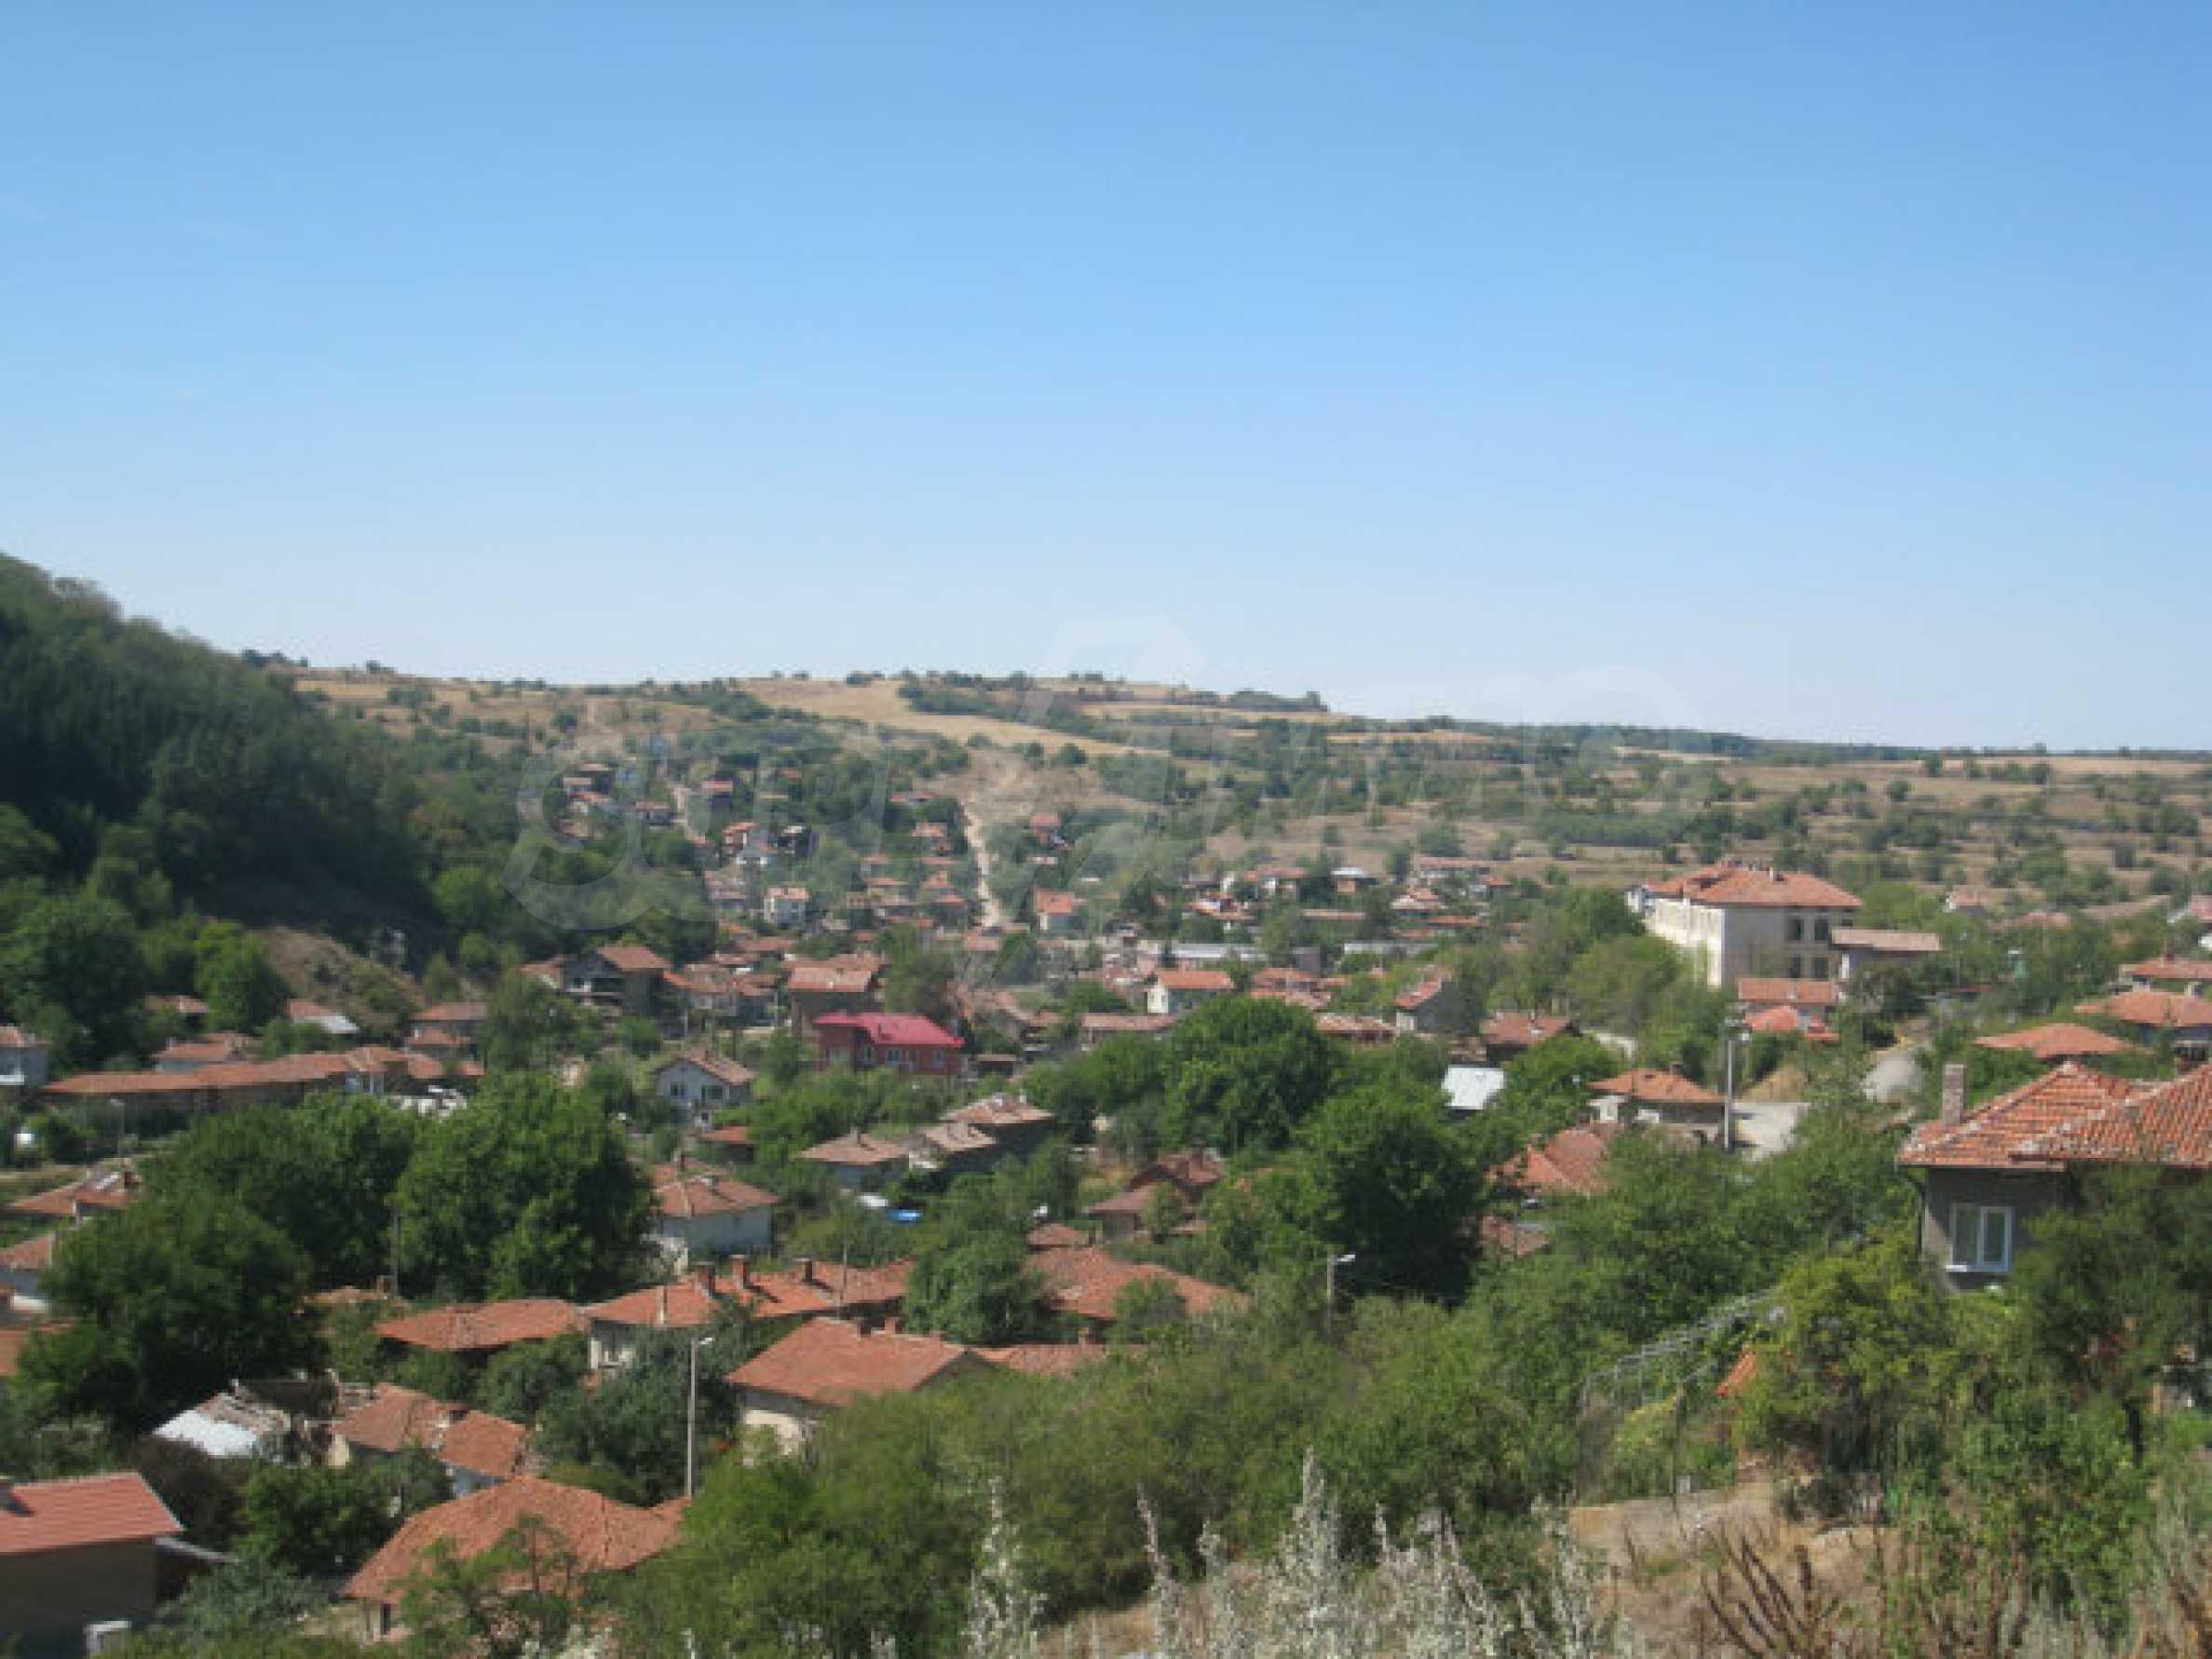 Geregeltes Baugrundstück in einem Dorf in der Nähe von Elin Pelin 28